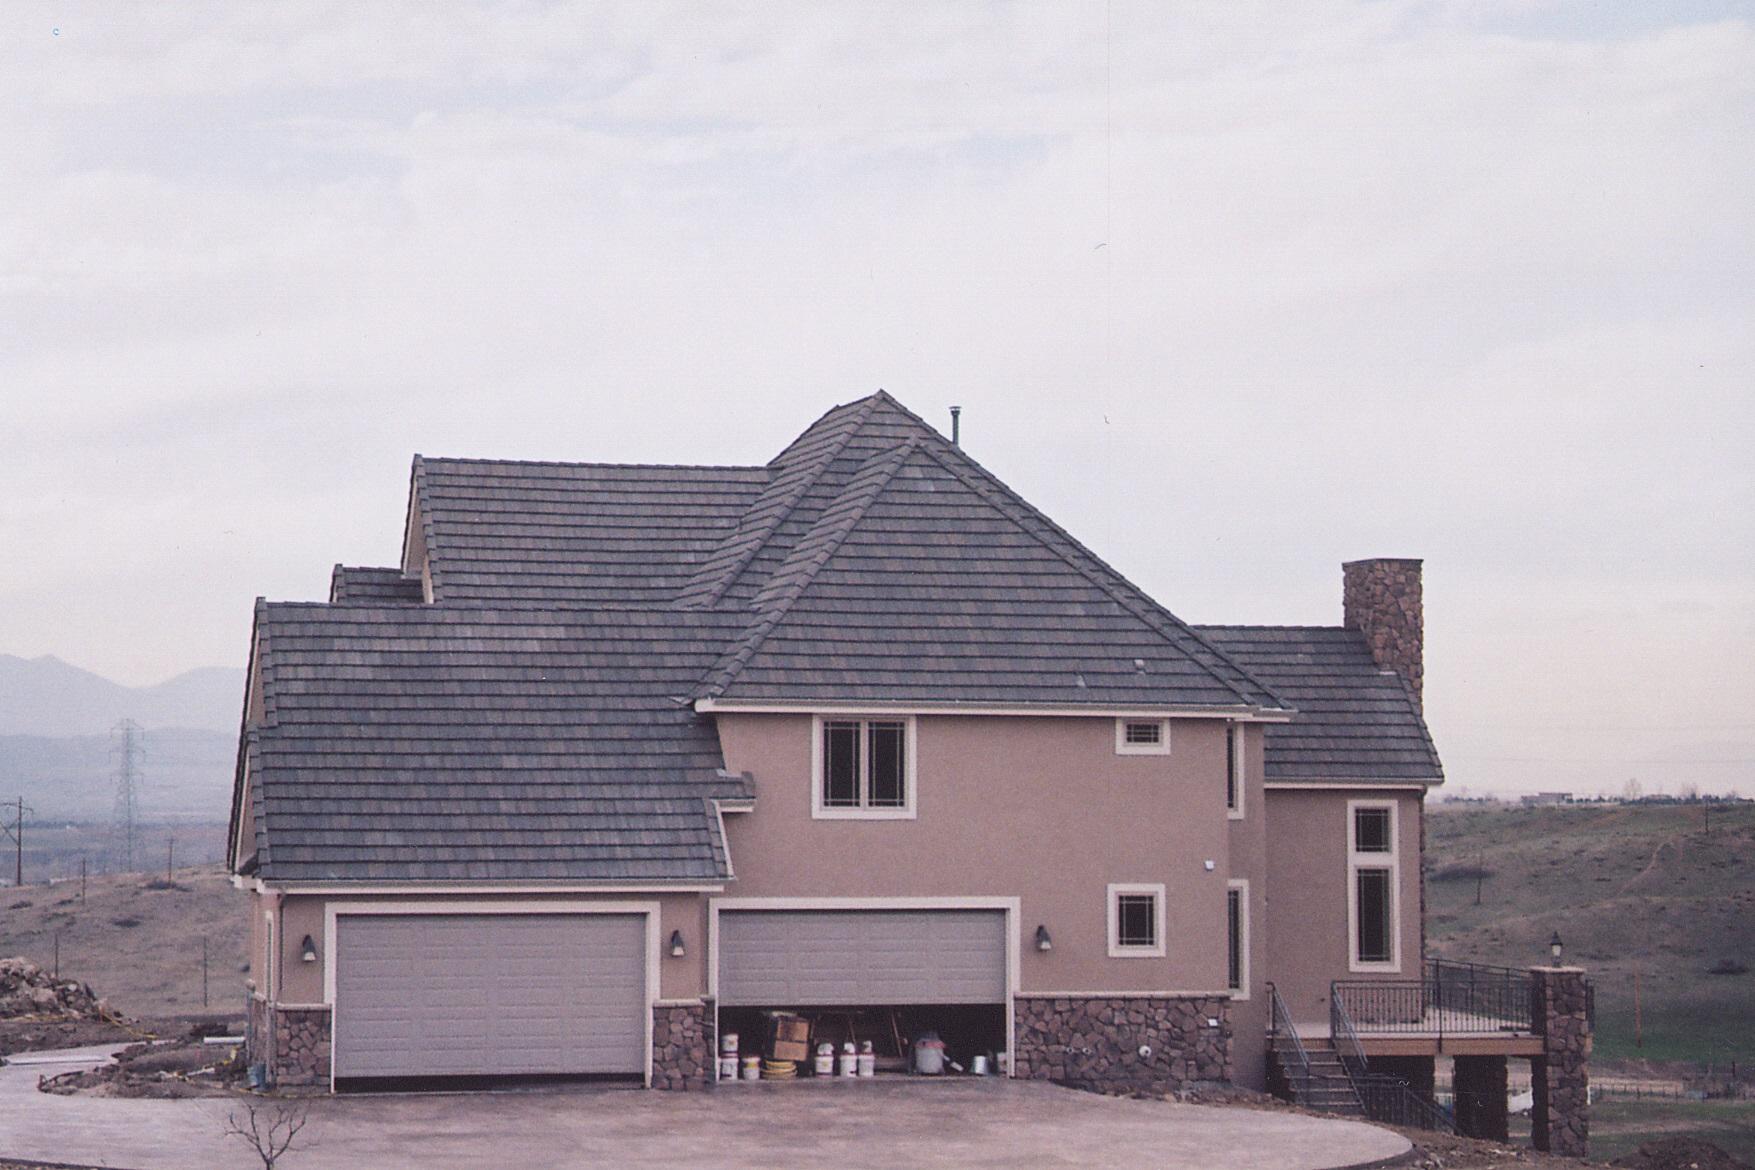 Apollo Roofing & Repairs LLC image 8